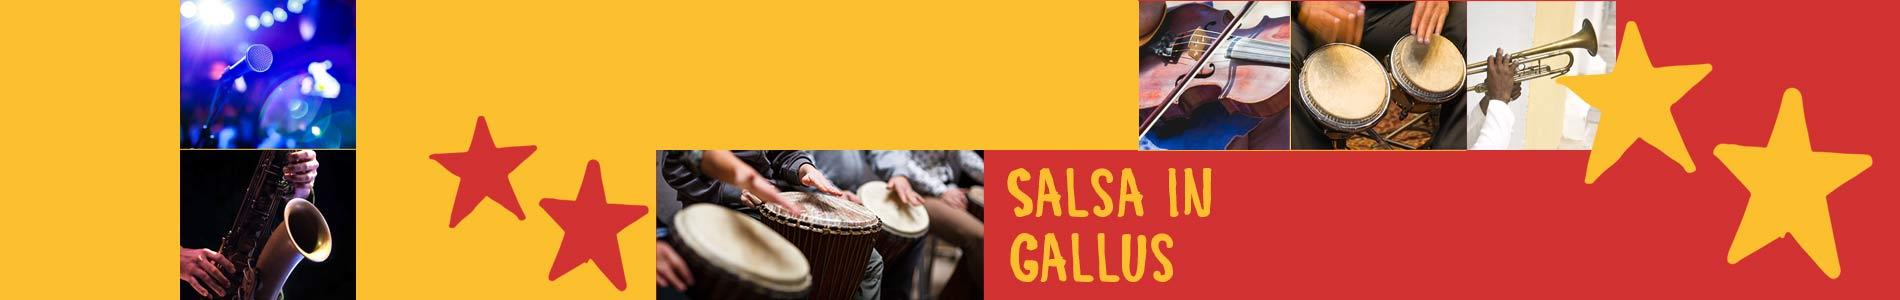 Salsa in Gallus – Salsa lernen und tanzen, Tanzkurse, Partys, Veranstaltungen